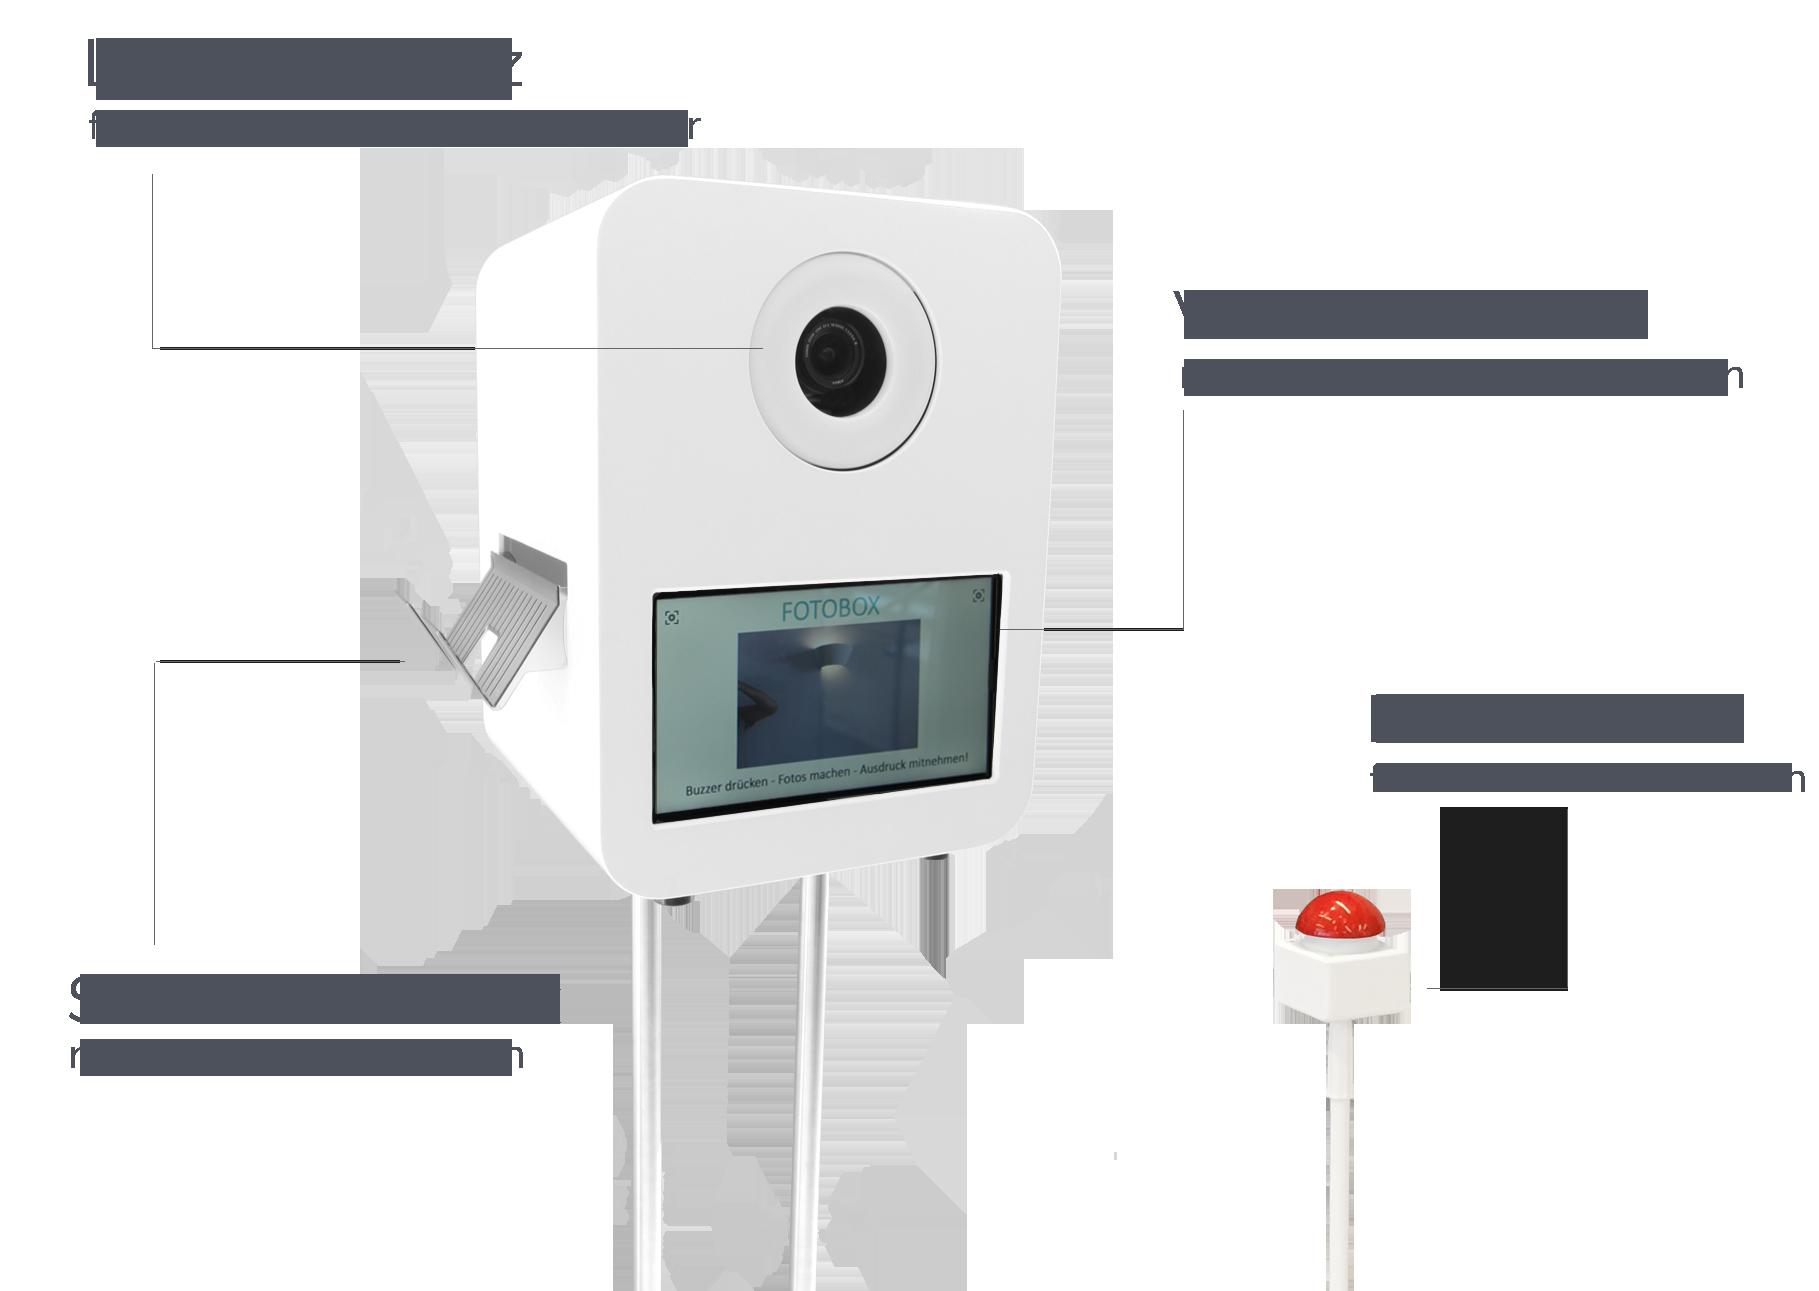 fotobox-wuerzburg-bedienung